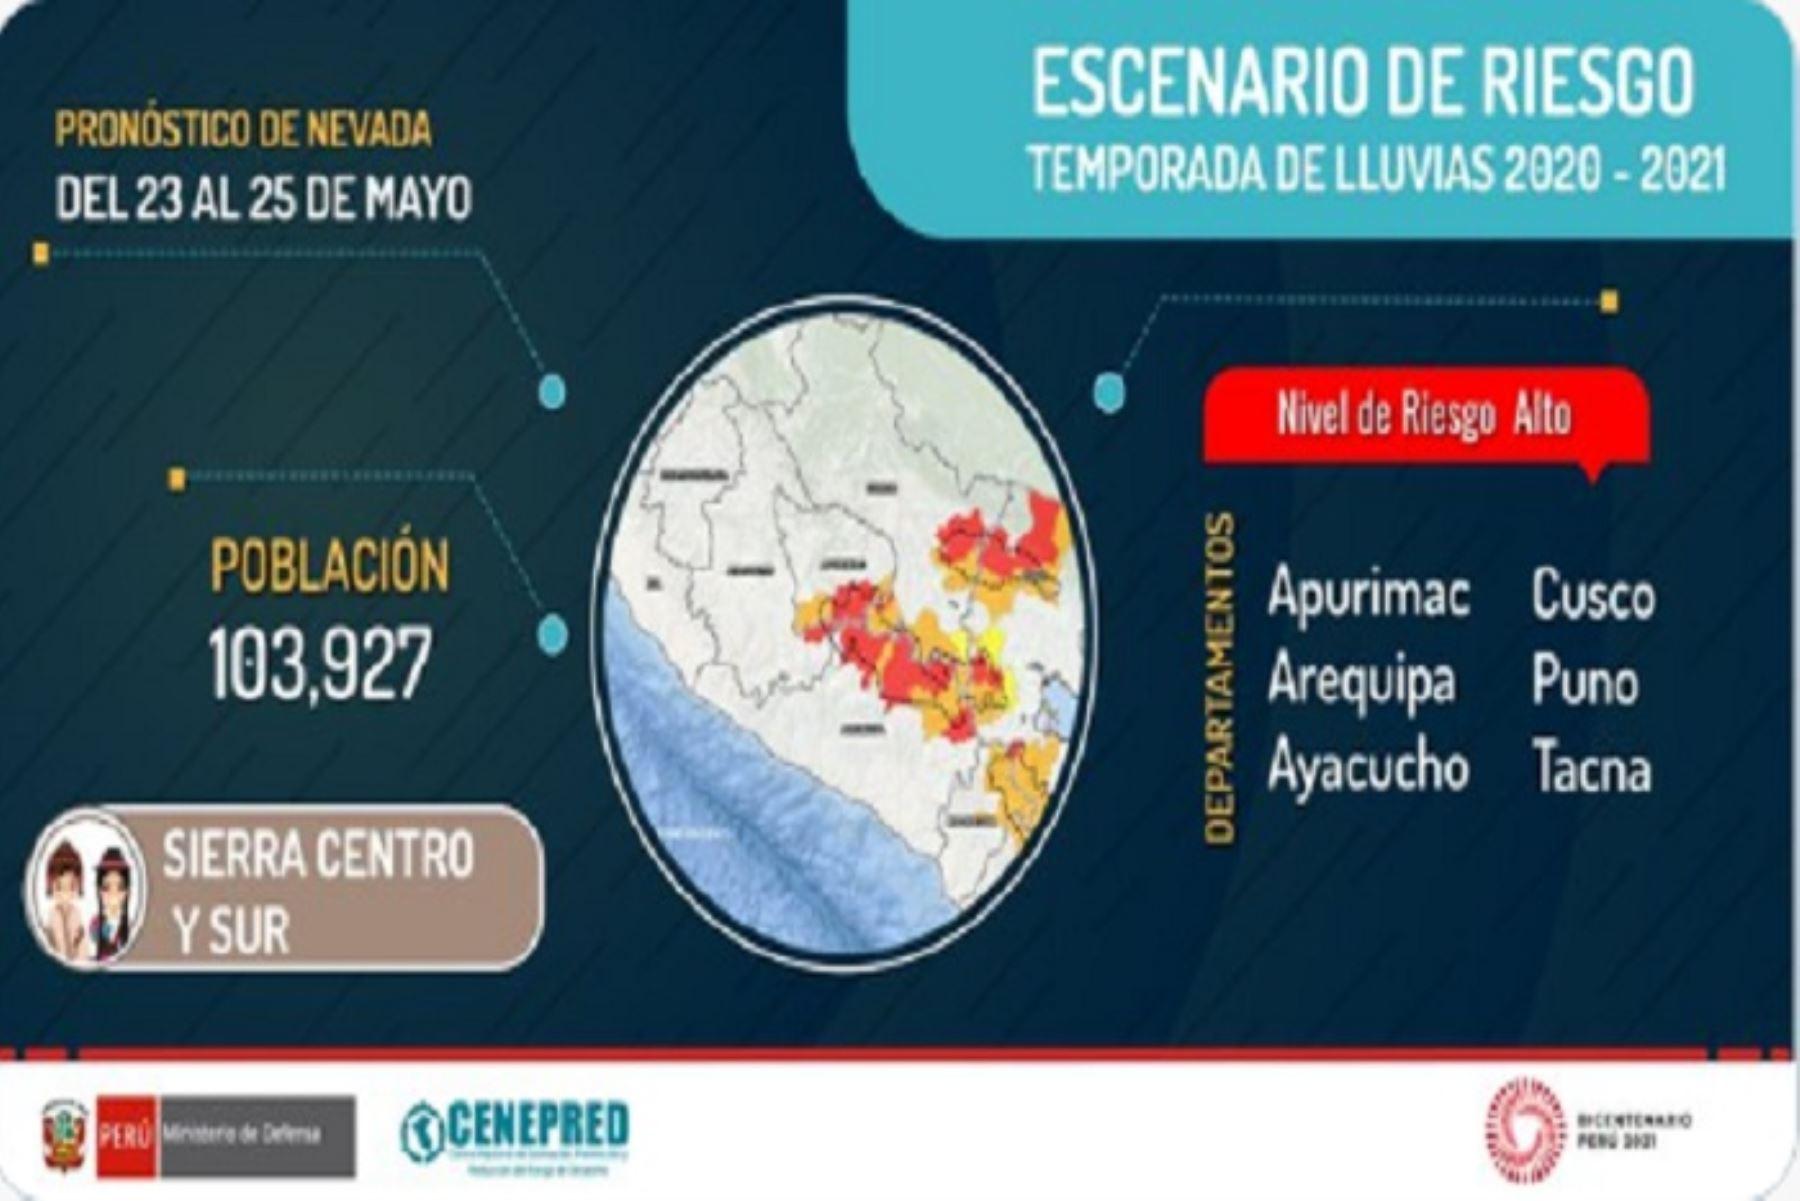 Los 90 distritos en riesgo pueden verse  afectados por deslizamientos, huaicos u otro tipo de movimientos de masa.